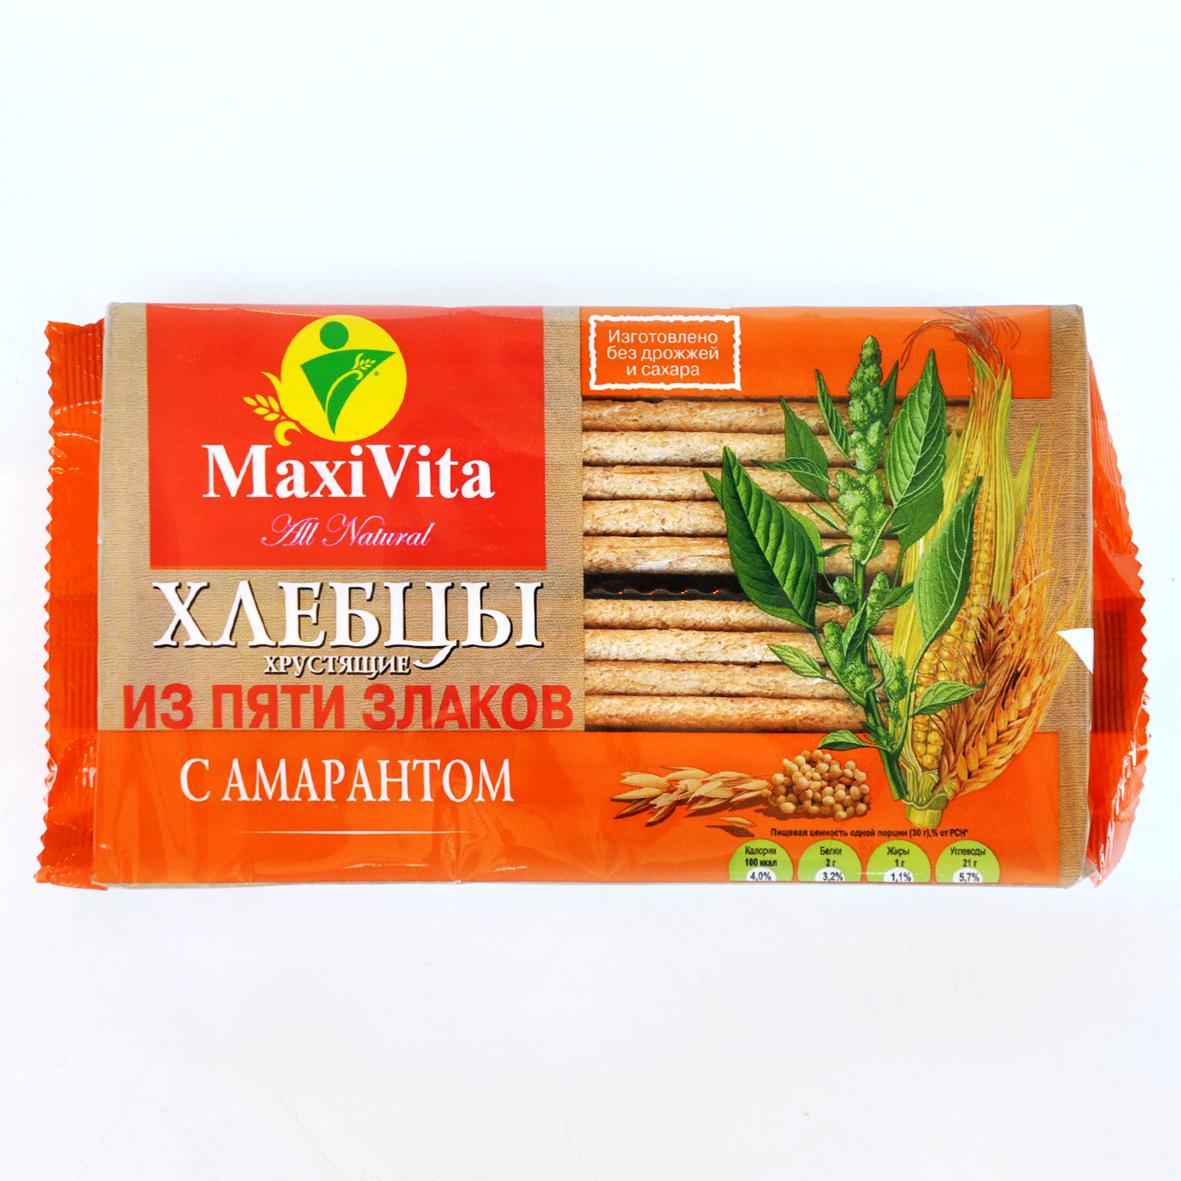 Хлебцы 5 злаков с амарантом 150 гр